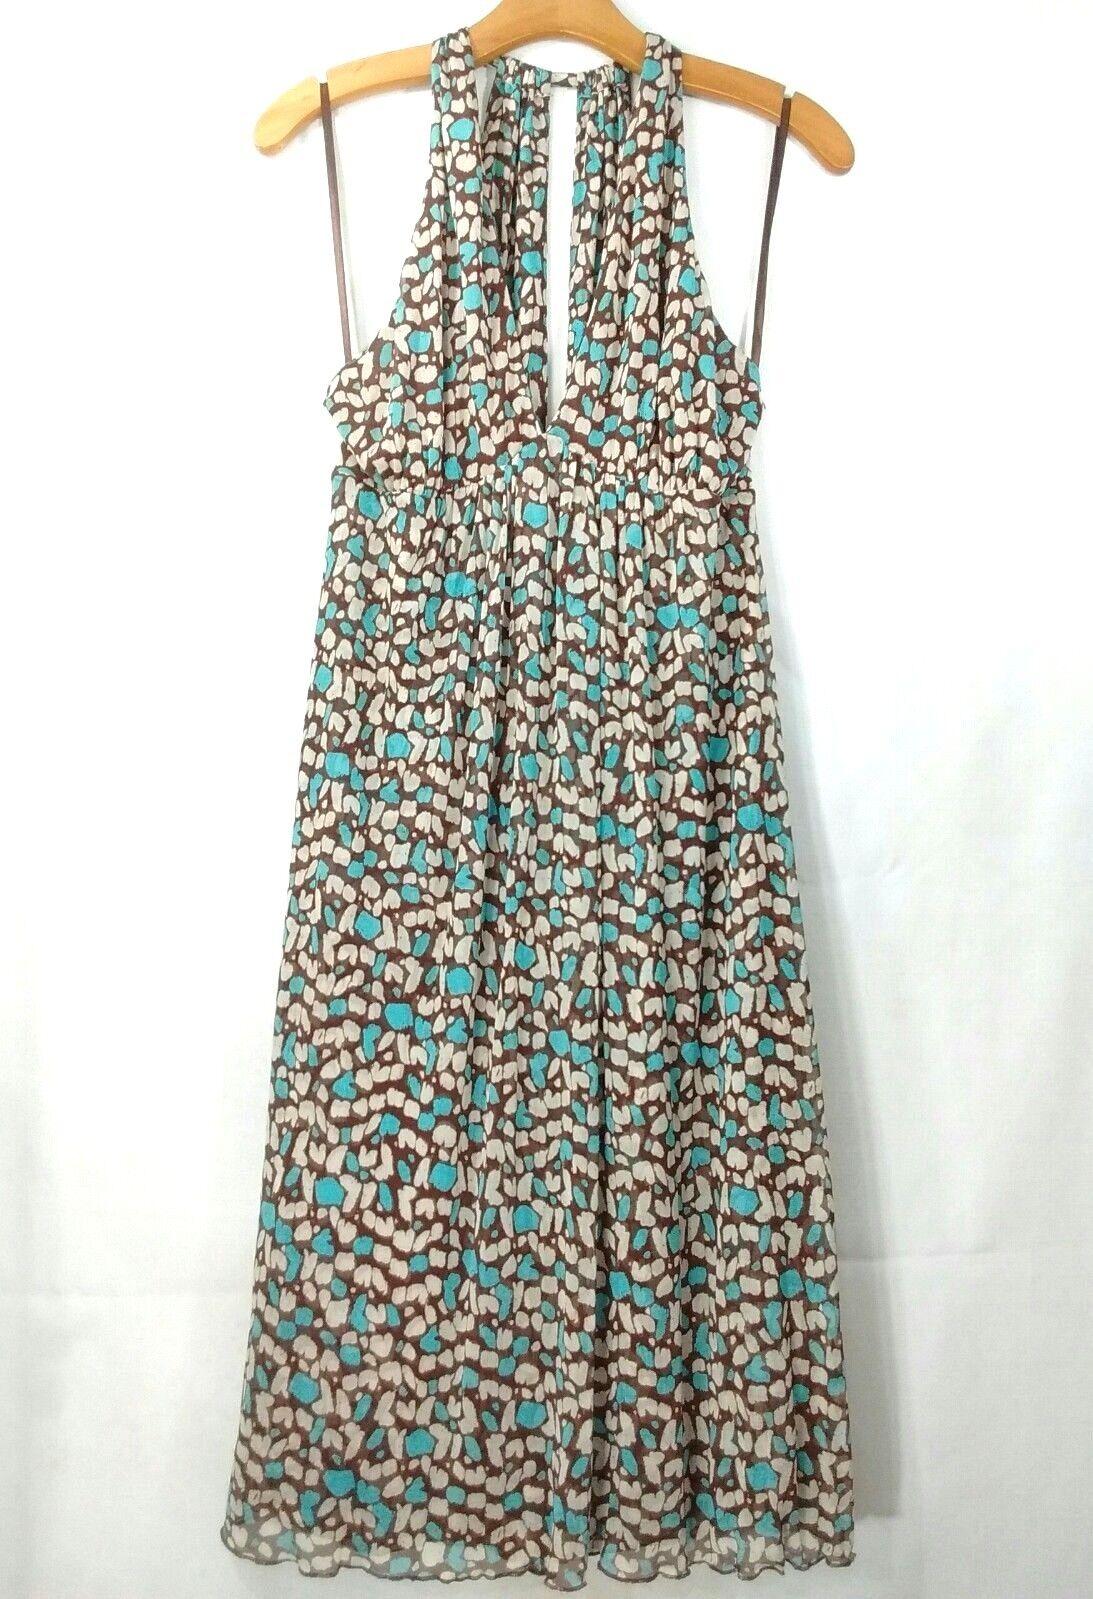 8bc0aa1a579c Diane Von Furstenburg Halter Dress Brown Turquoise Sheer 100% Silk Women  Size 10